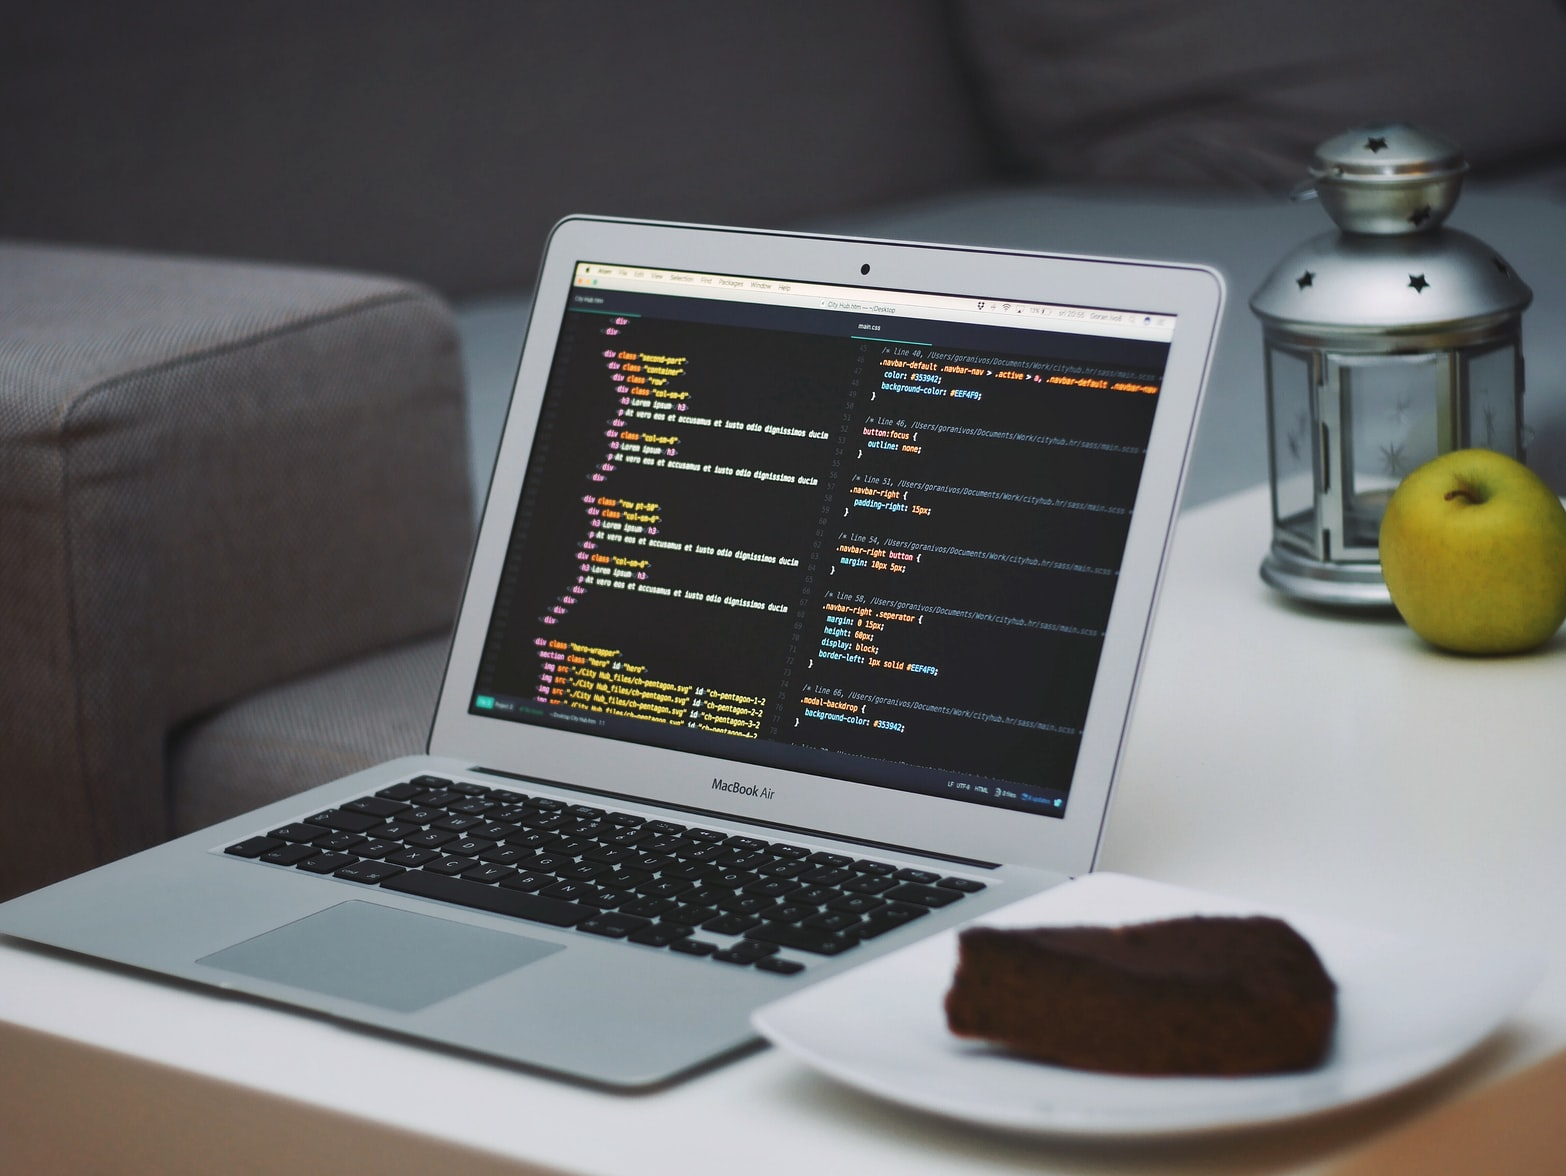 Code on MacBook Air